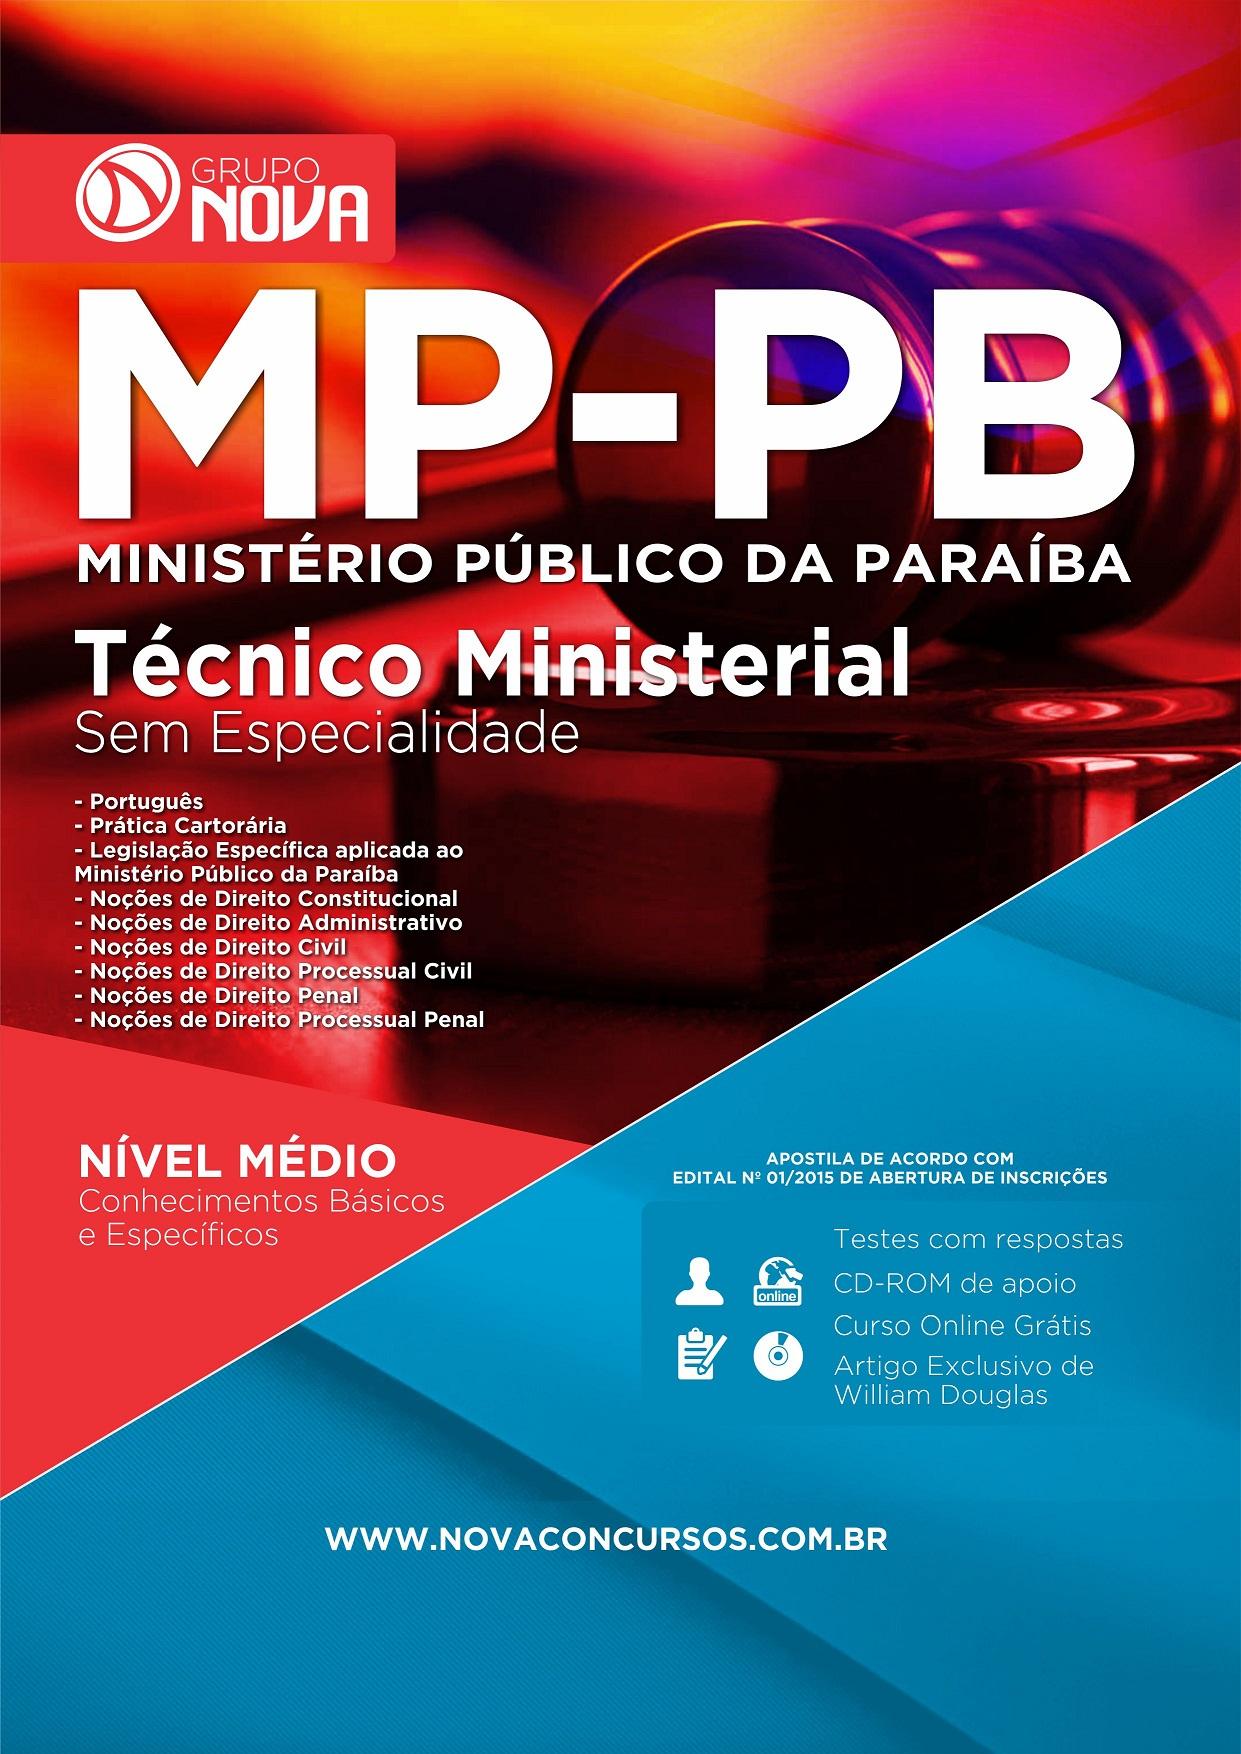 Apostila Técnico Ministerial - Sem Especialidade - MP - PB ( Impressa )